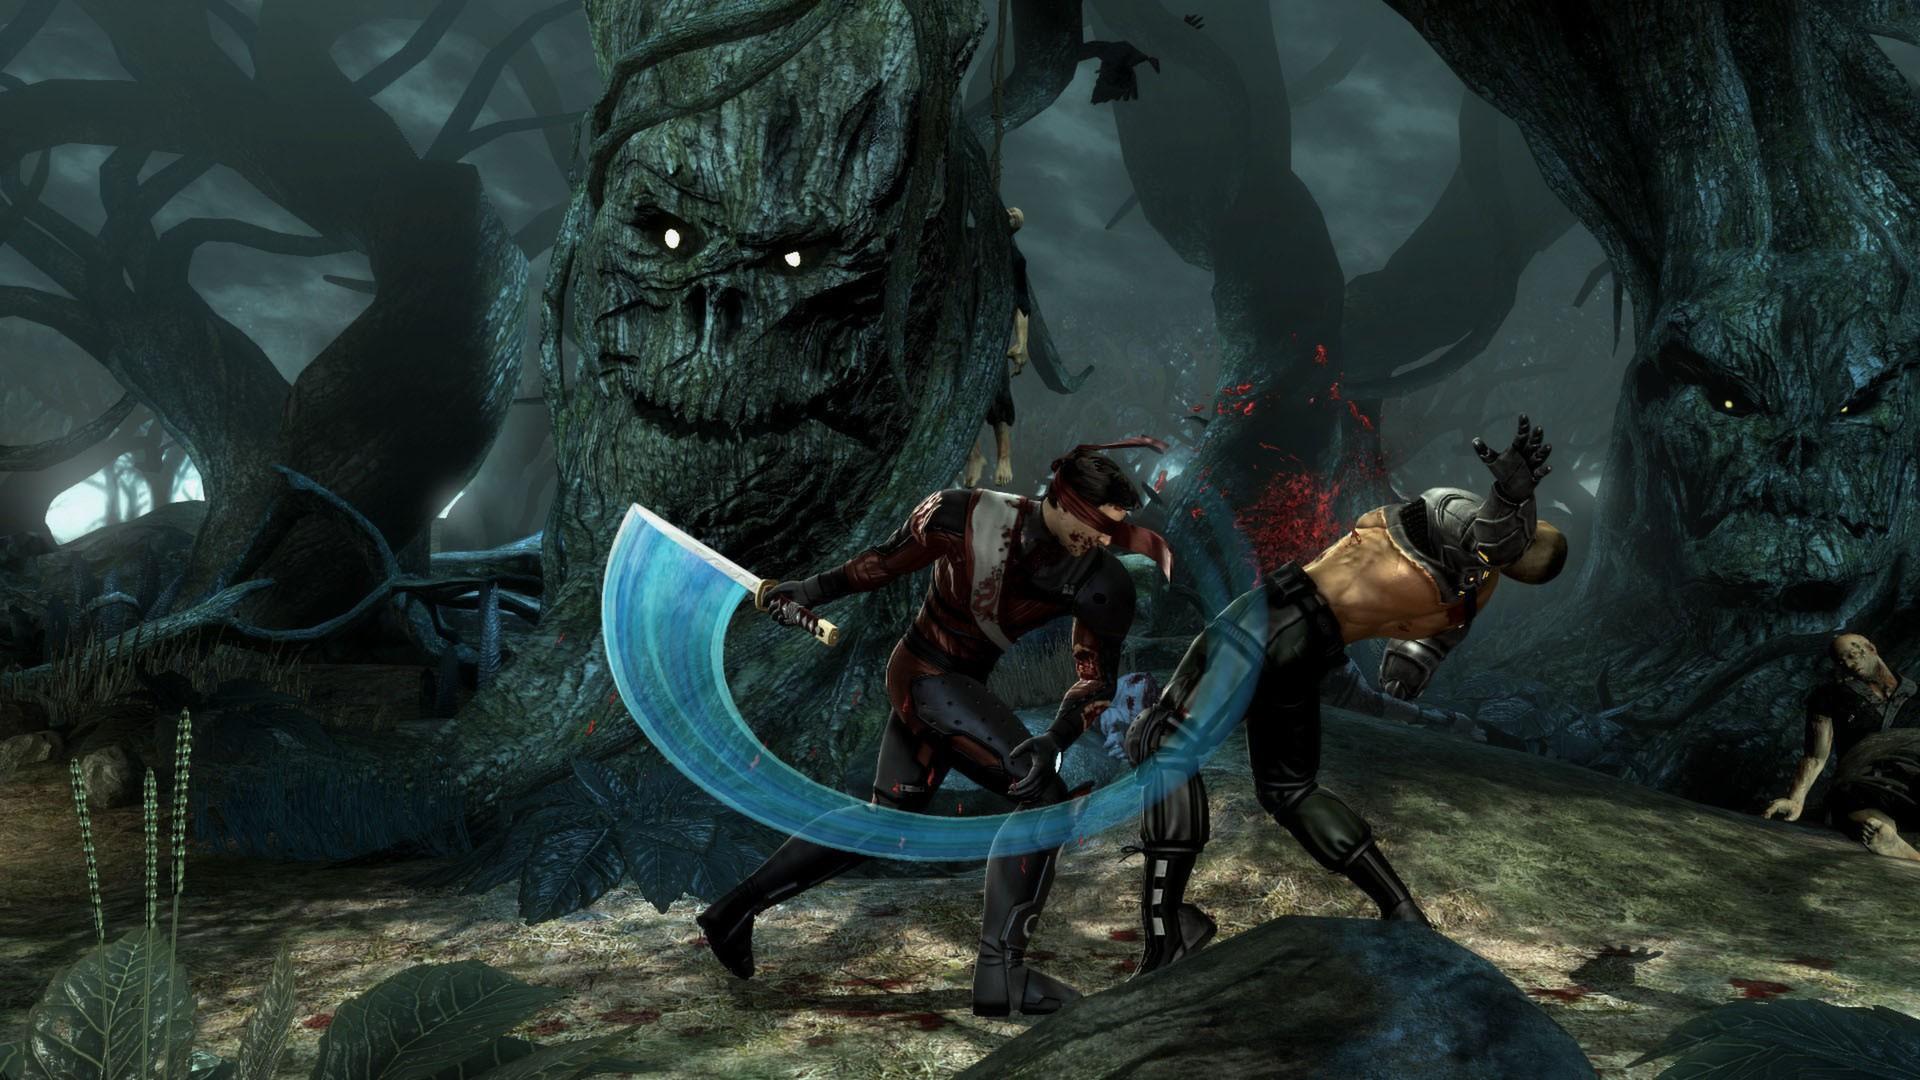 Обои Mortal kombat, персонажи, komplete edition. Игры foto 18